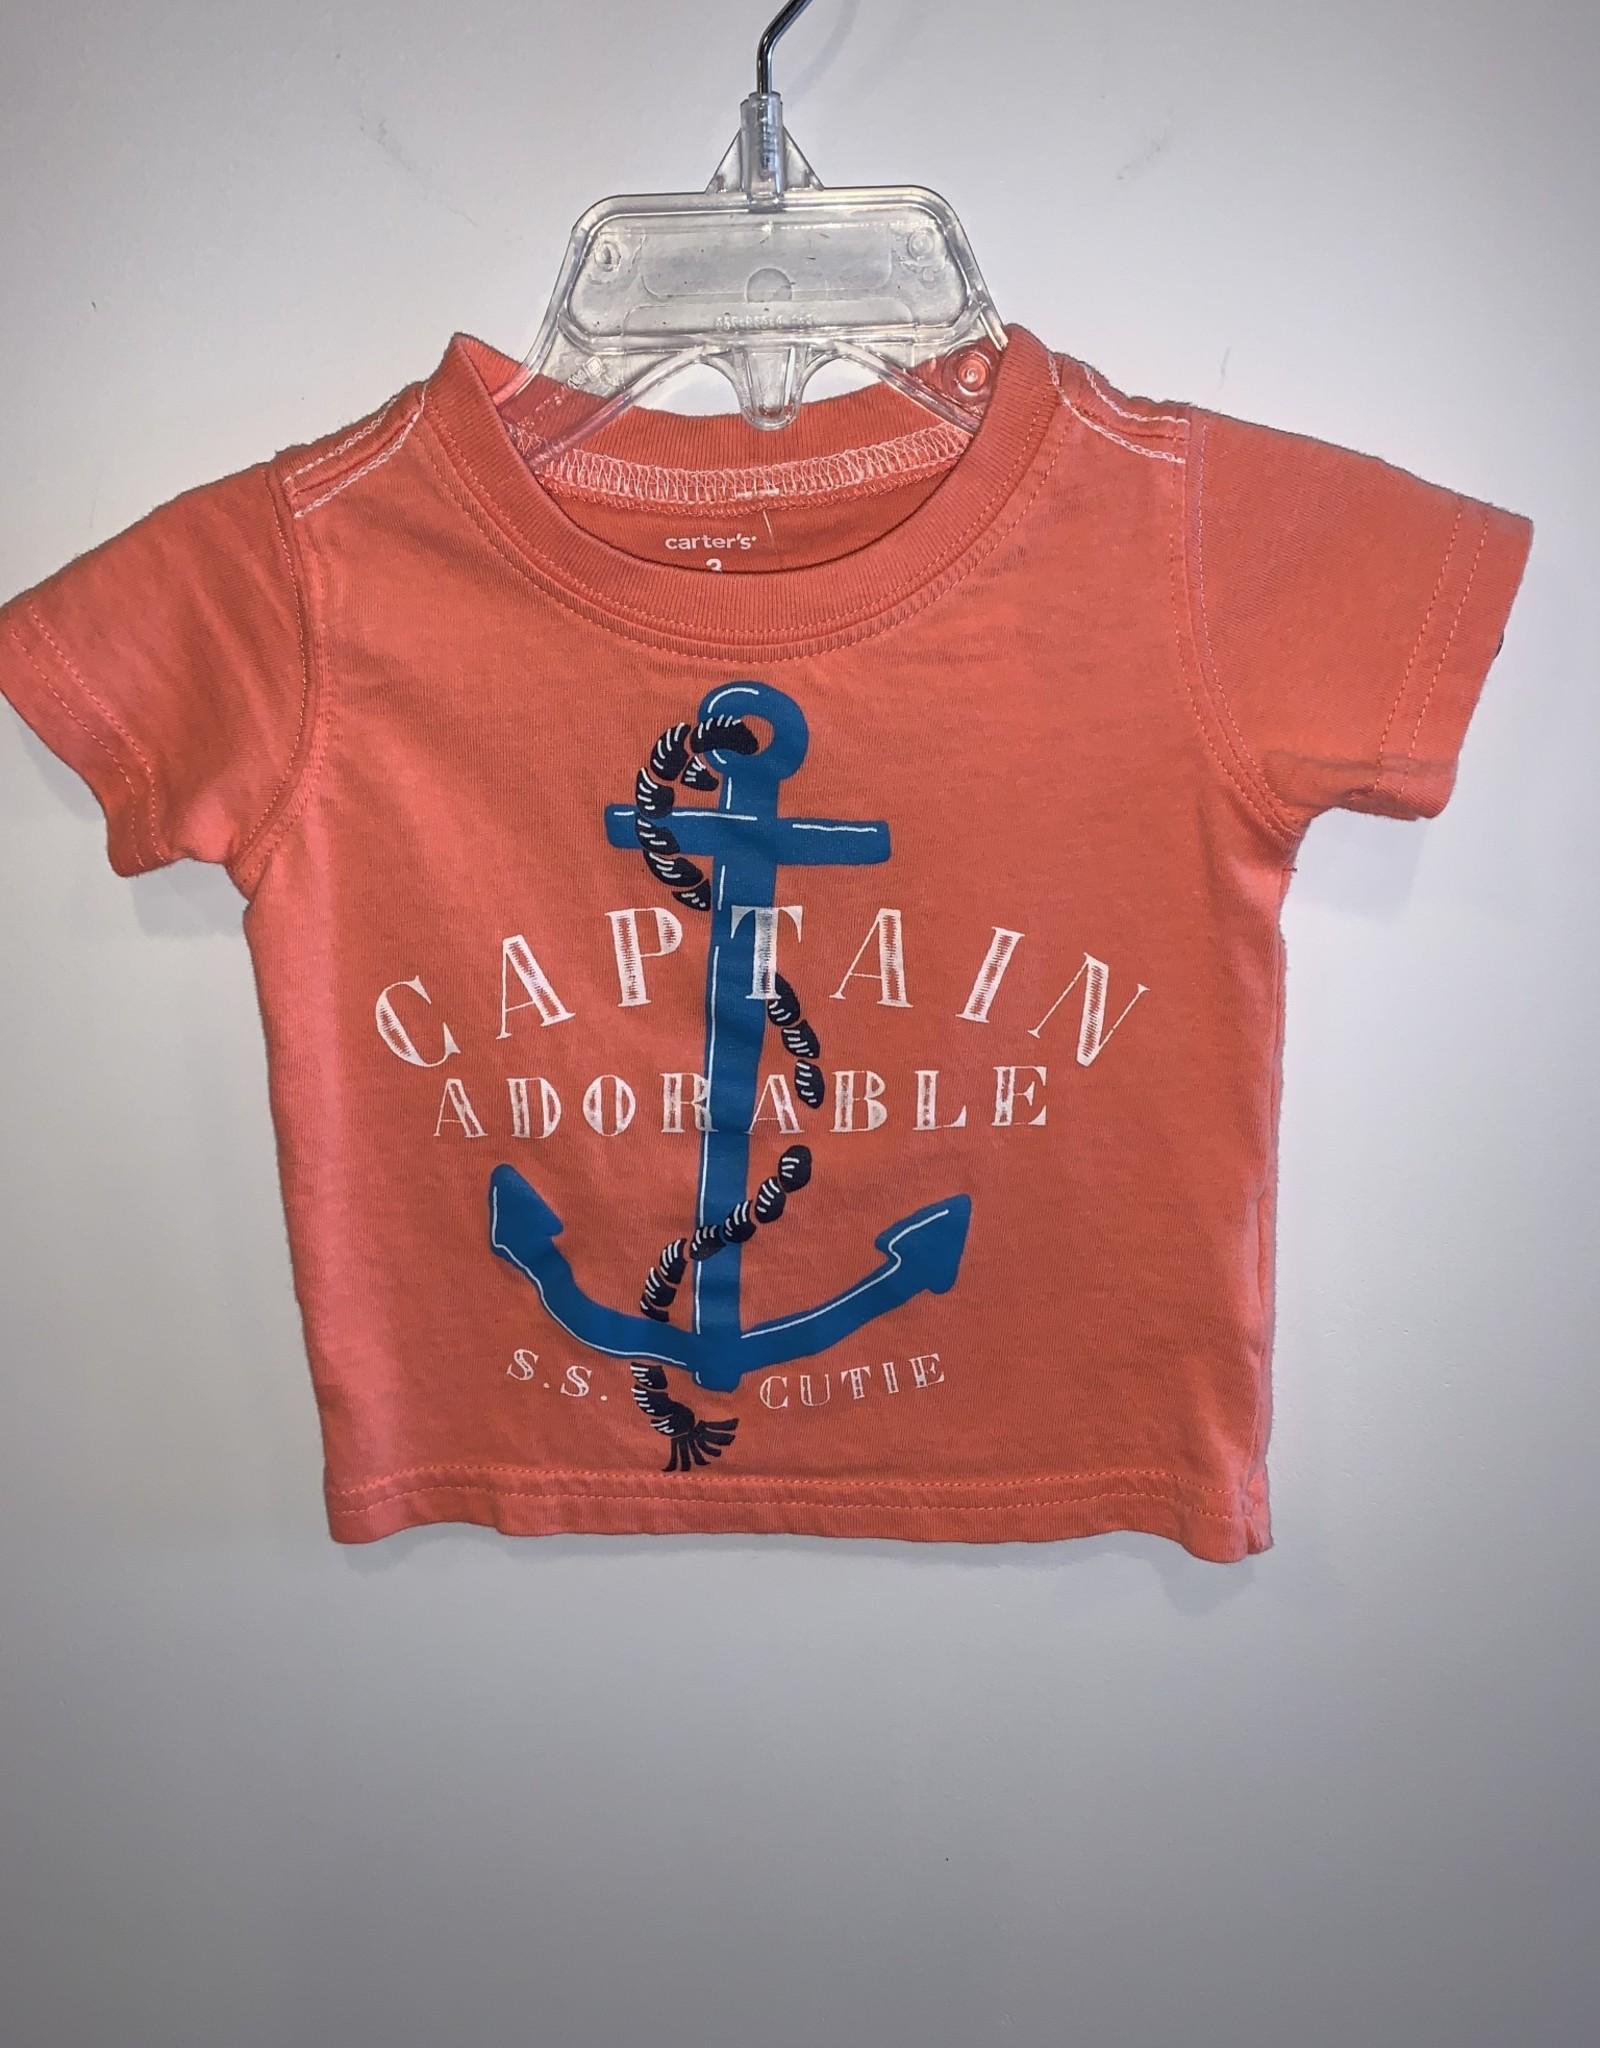 Carter's Boys/0-3/Carters/Shirt